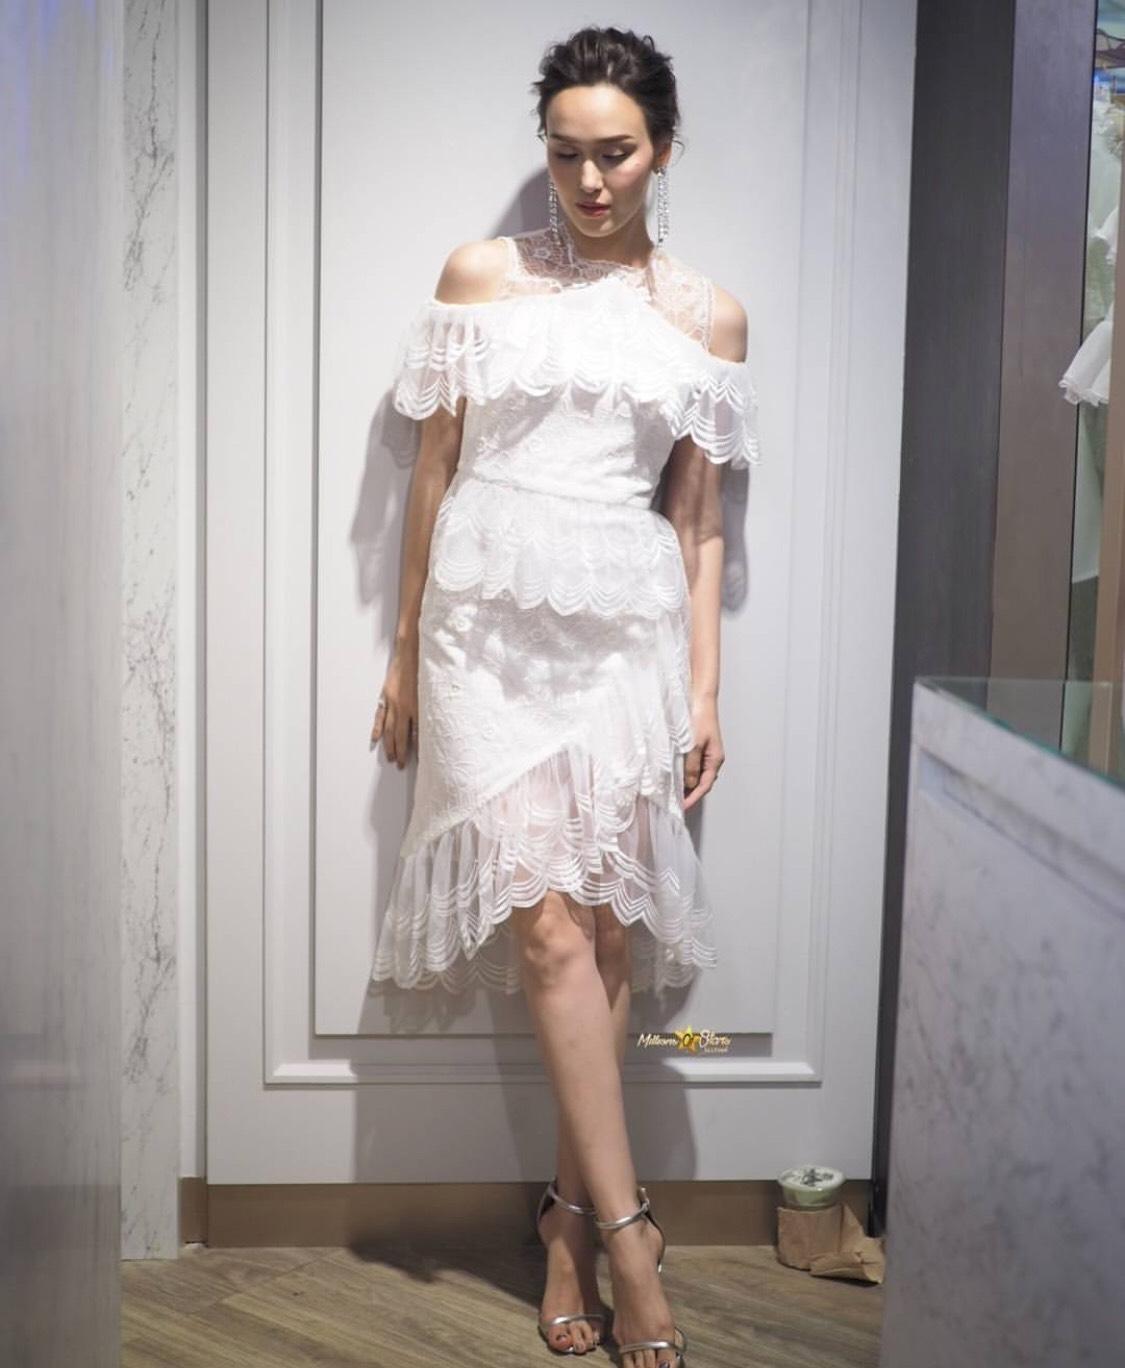 Dressยาวสีขาวเนื้อลูกไม้ที่ไหล่ปาดคลุมหัวไหล่